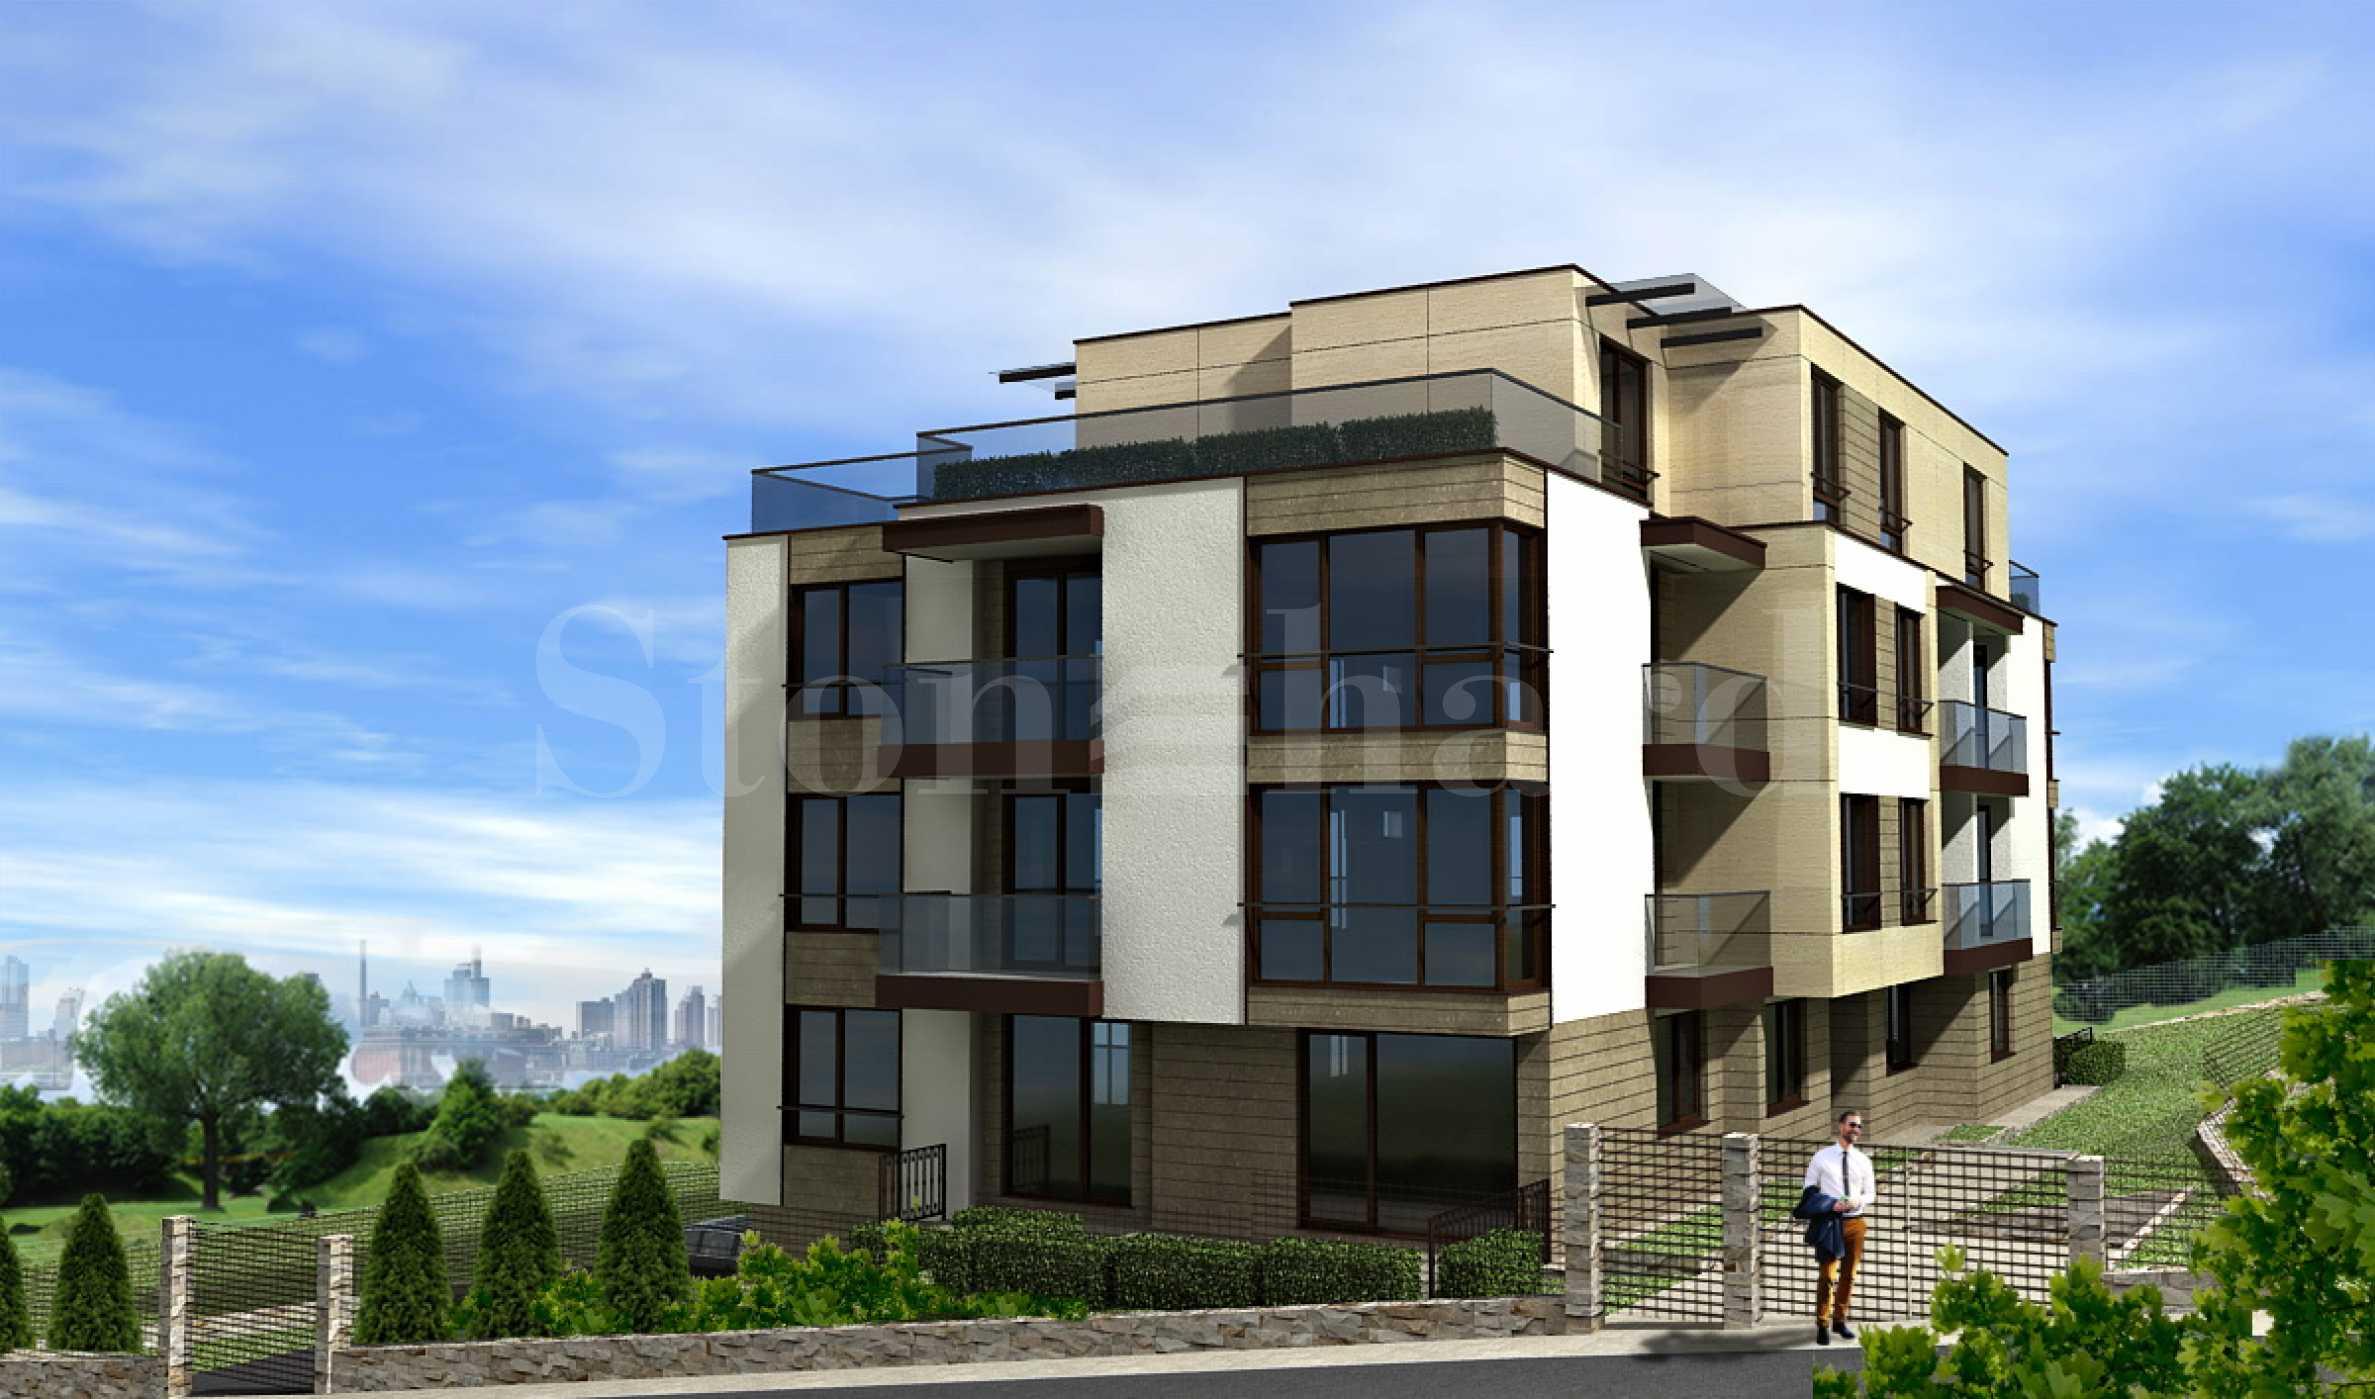 Boutique, multi-family building for sale in the prestigious Boyana quarter1 - Stonehard